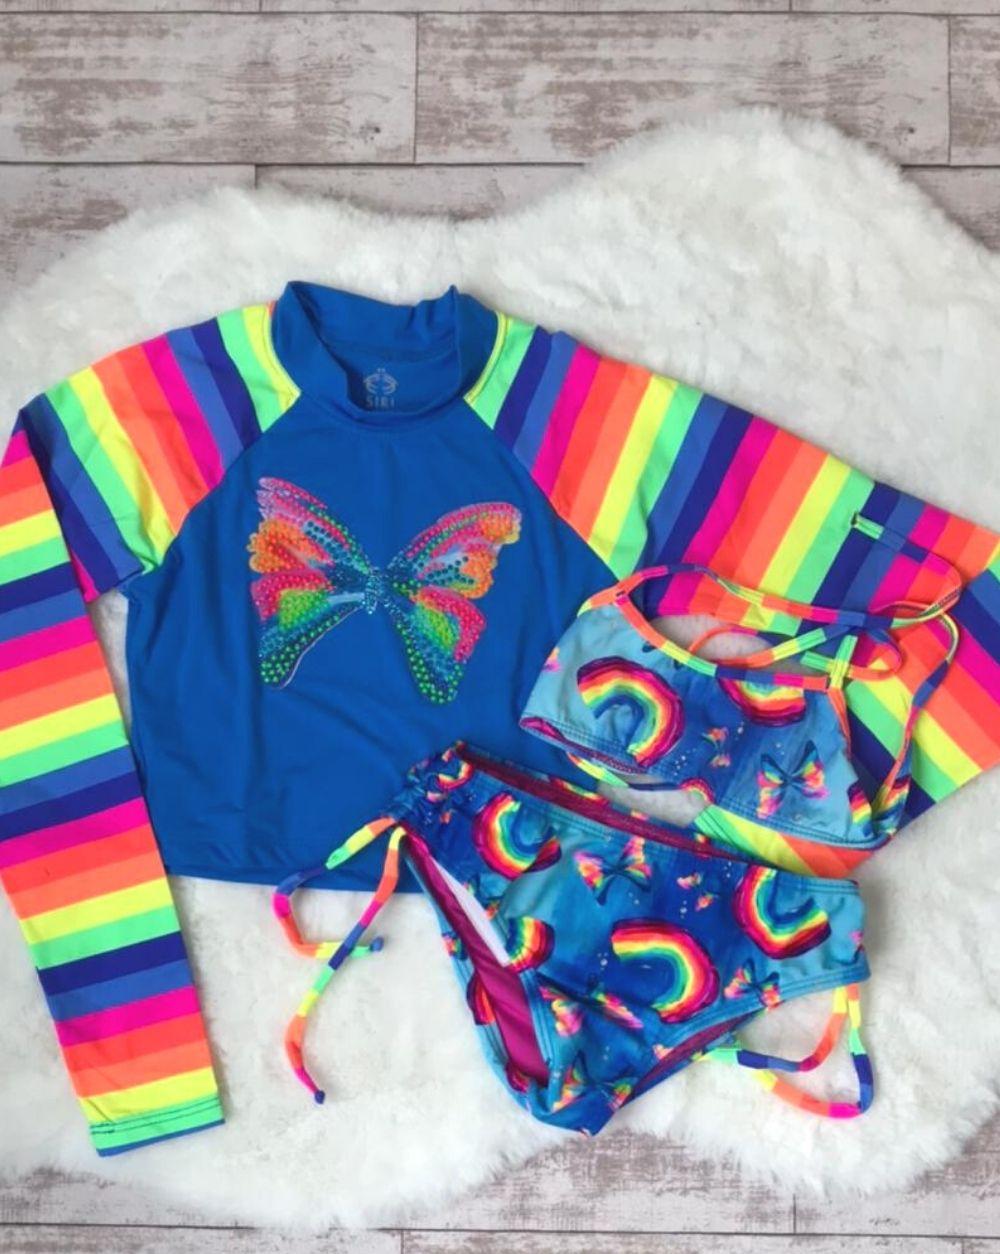 Biquíni Arco Íris Borboleta 3 Siri Kids Moda Praia